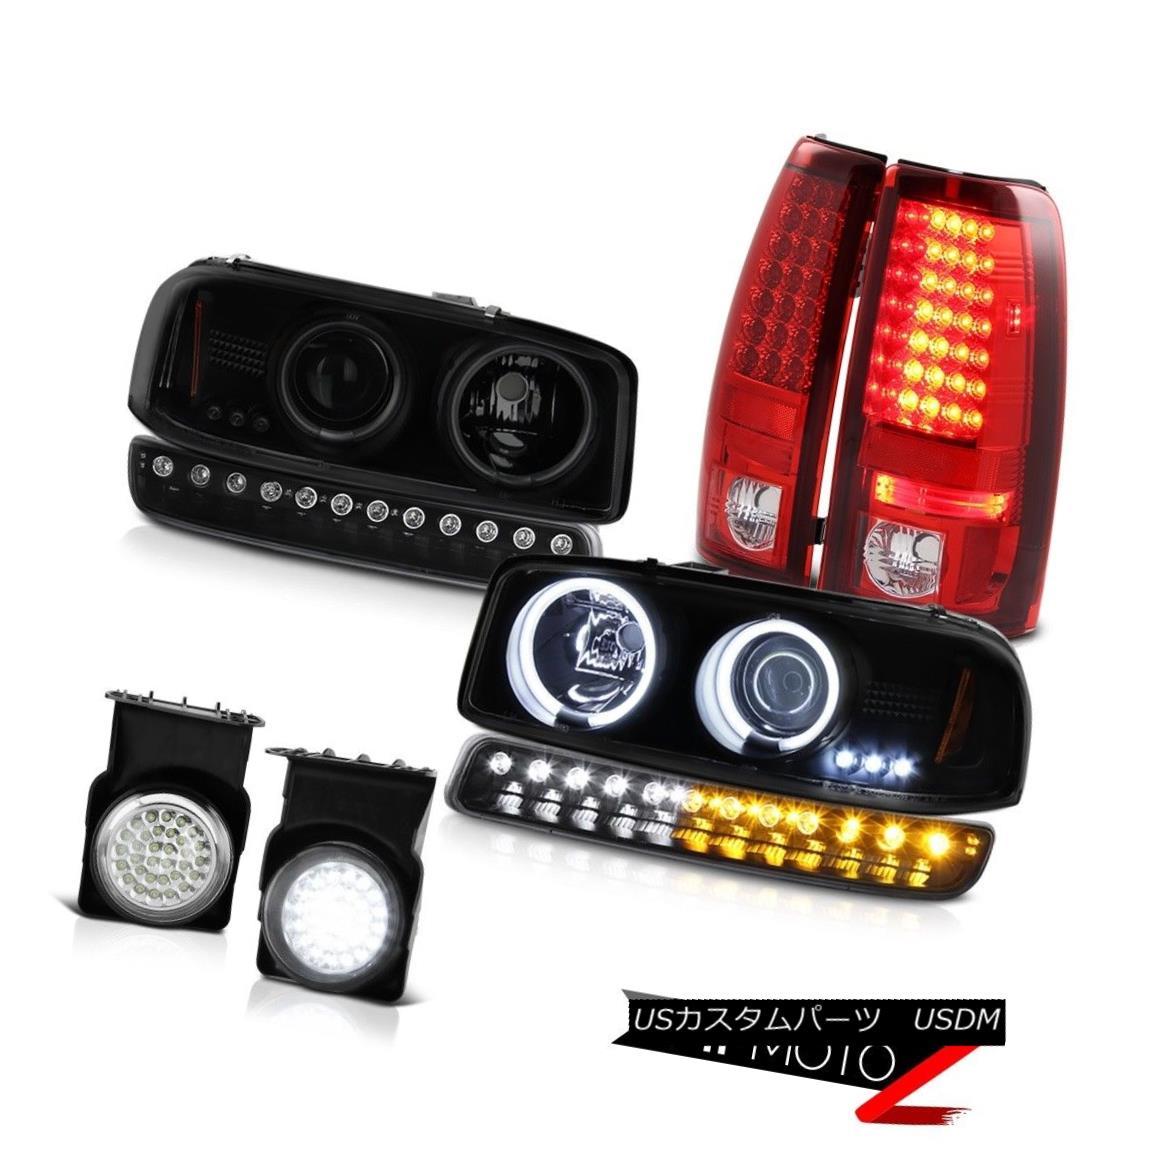 テールライト 03 04 05 06 Sierra C3 Fog lamps taillamps turn signal ccfl projector headlamps 03 04 05 06シエラC3フォグランプテールランプ信号ccflプロジェクターヘッドランプ